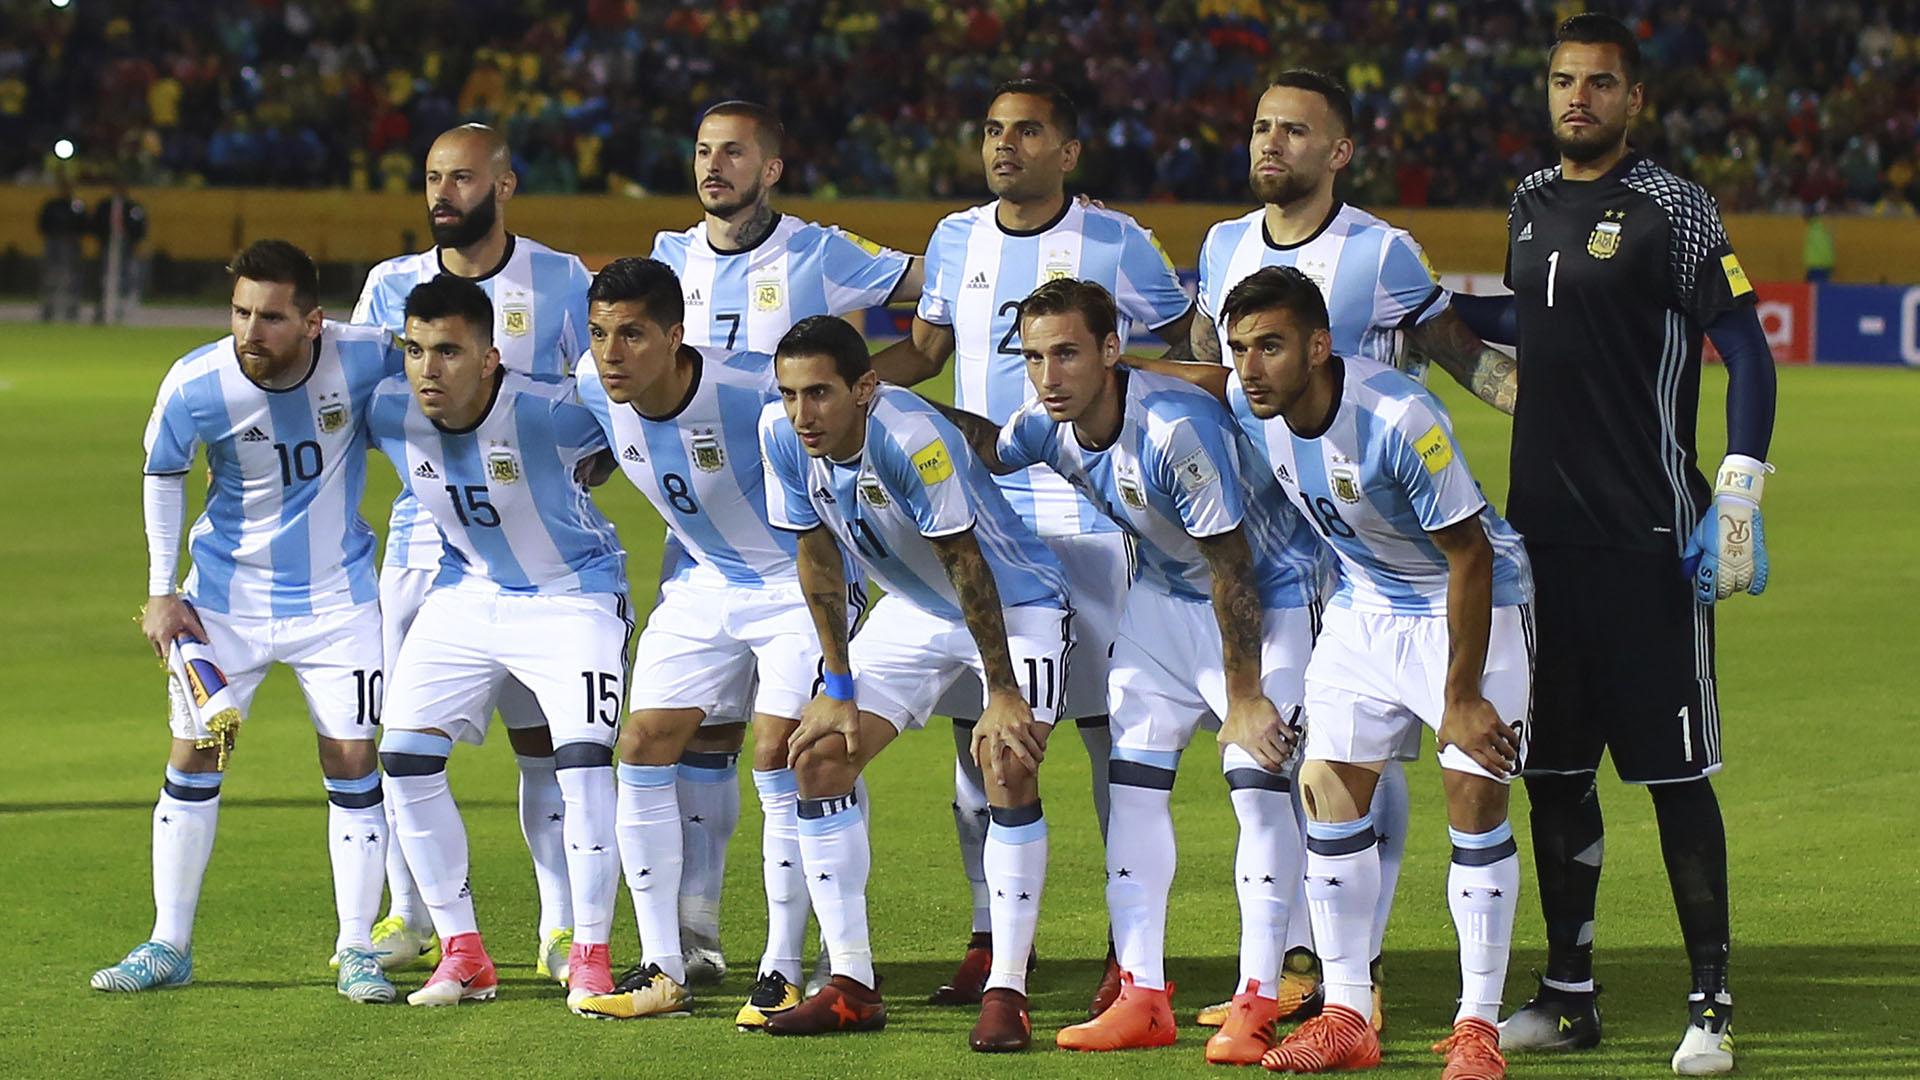 Con un promedio de edad de 28 años, el valor de la Argentina es de 630,12 millones de dólares